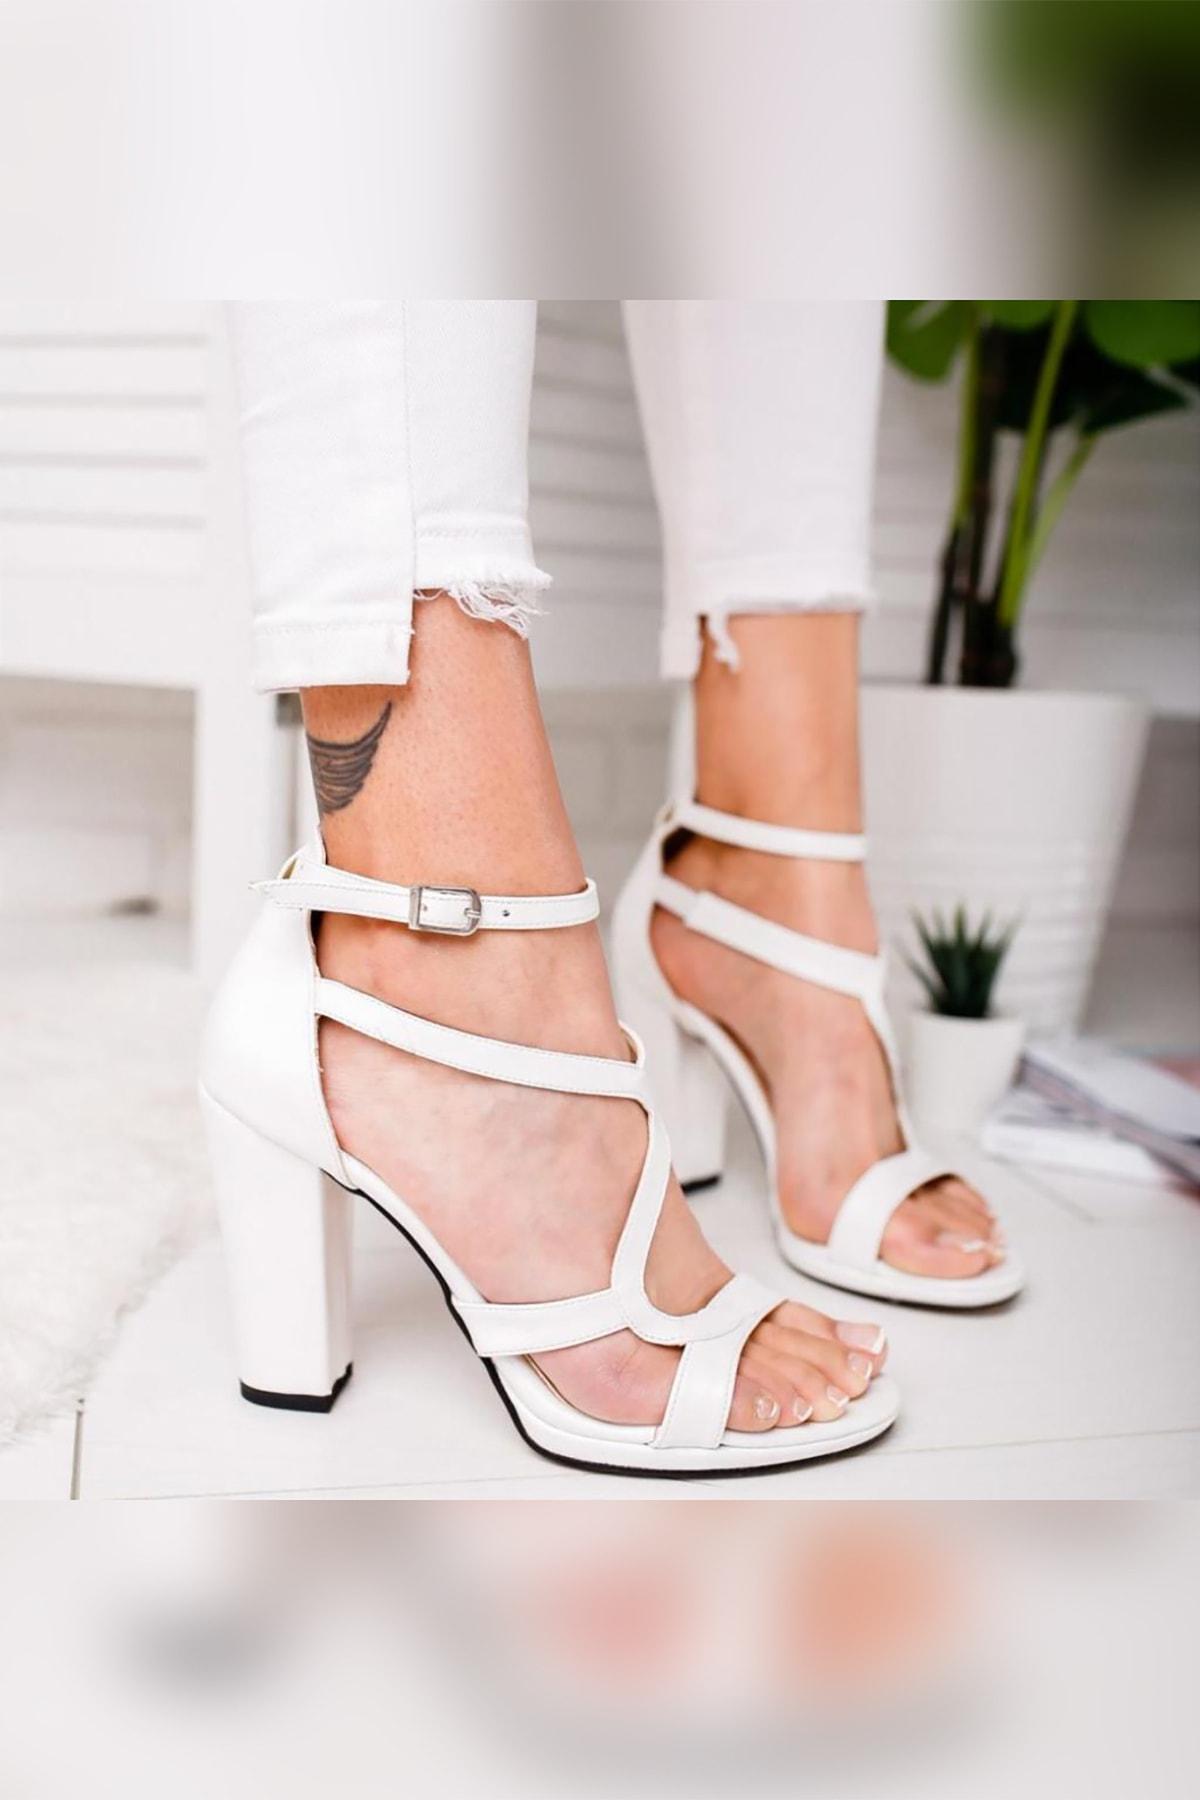 Limoya Kadın Beyaz Deri Platformlu Kalın Topuklu Ayakkabı 1